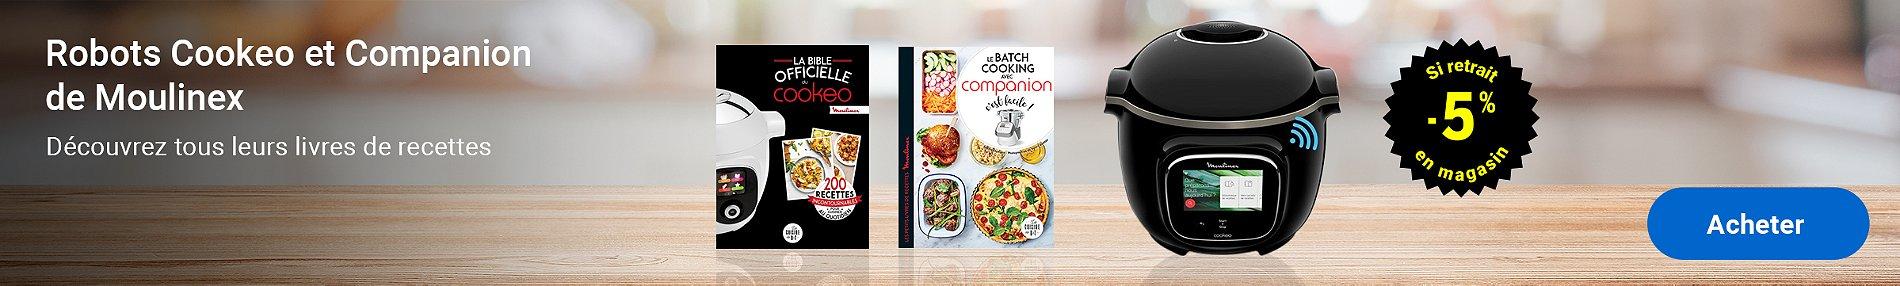 Cookeo Companion et leurs livres de recettes